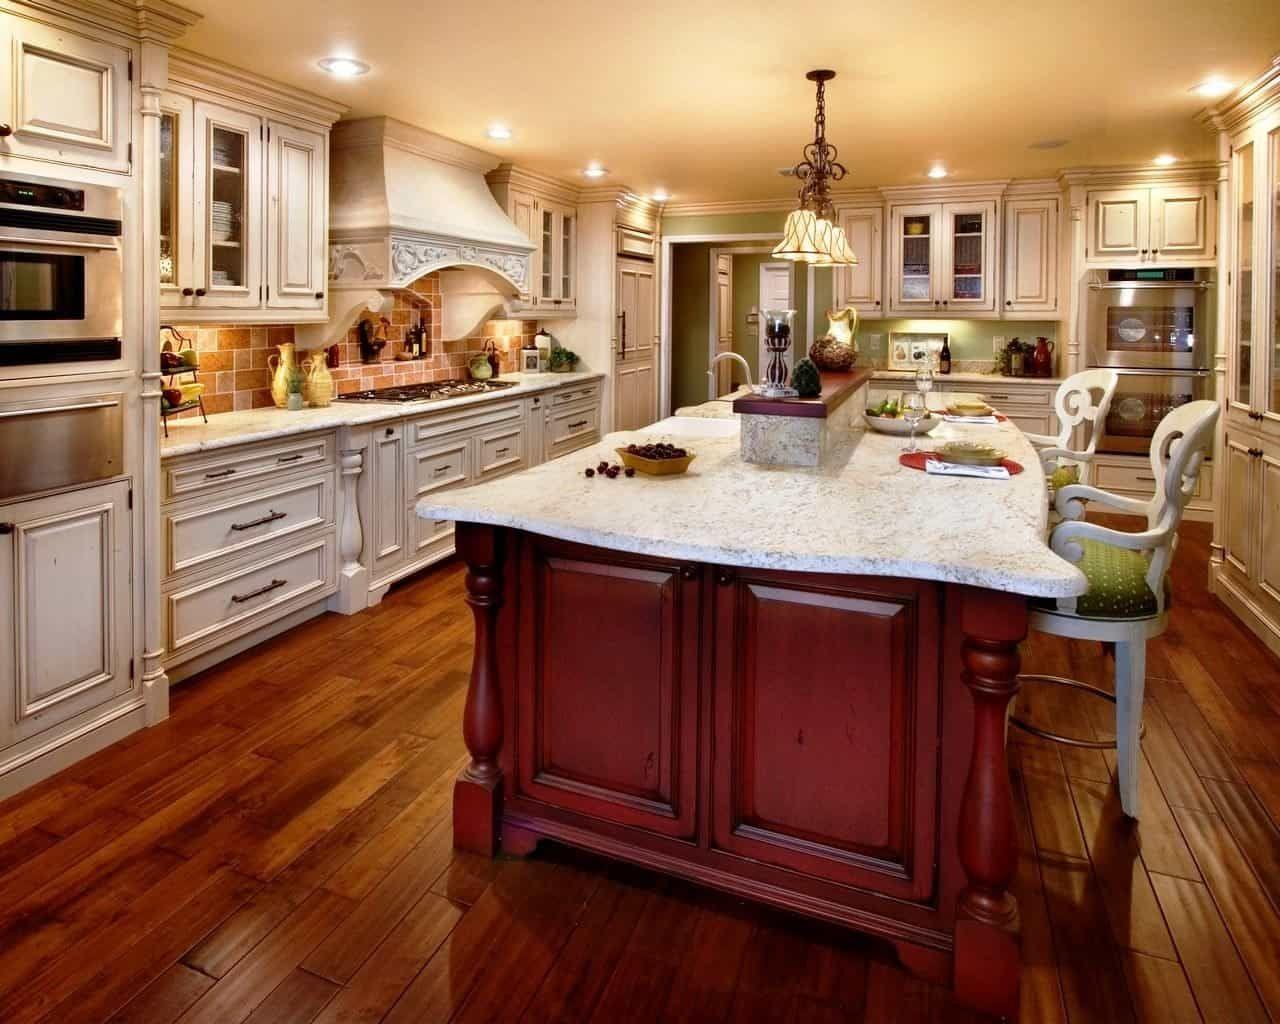 Küchendesign an der wand pin von küche deko auf küchenzeile  pinterest  küchen design